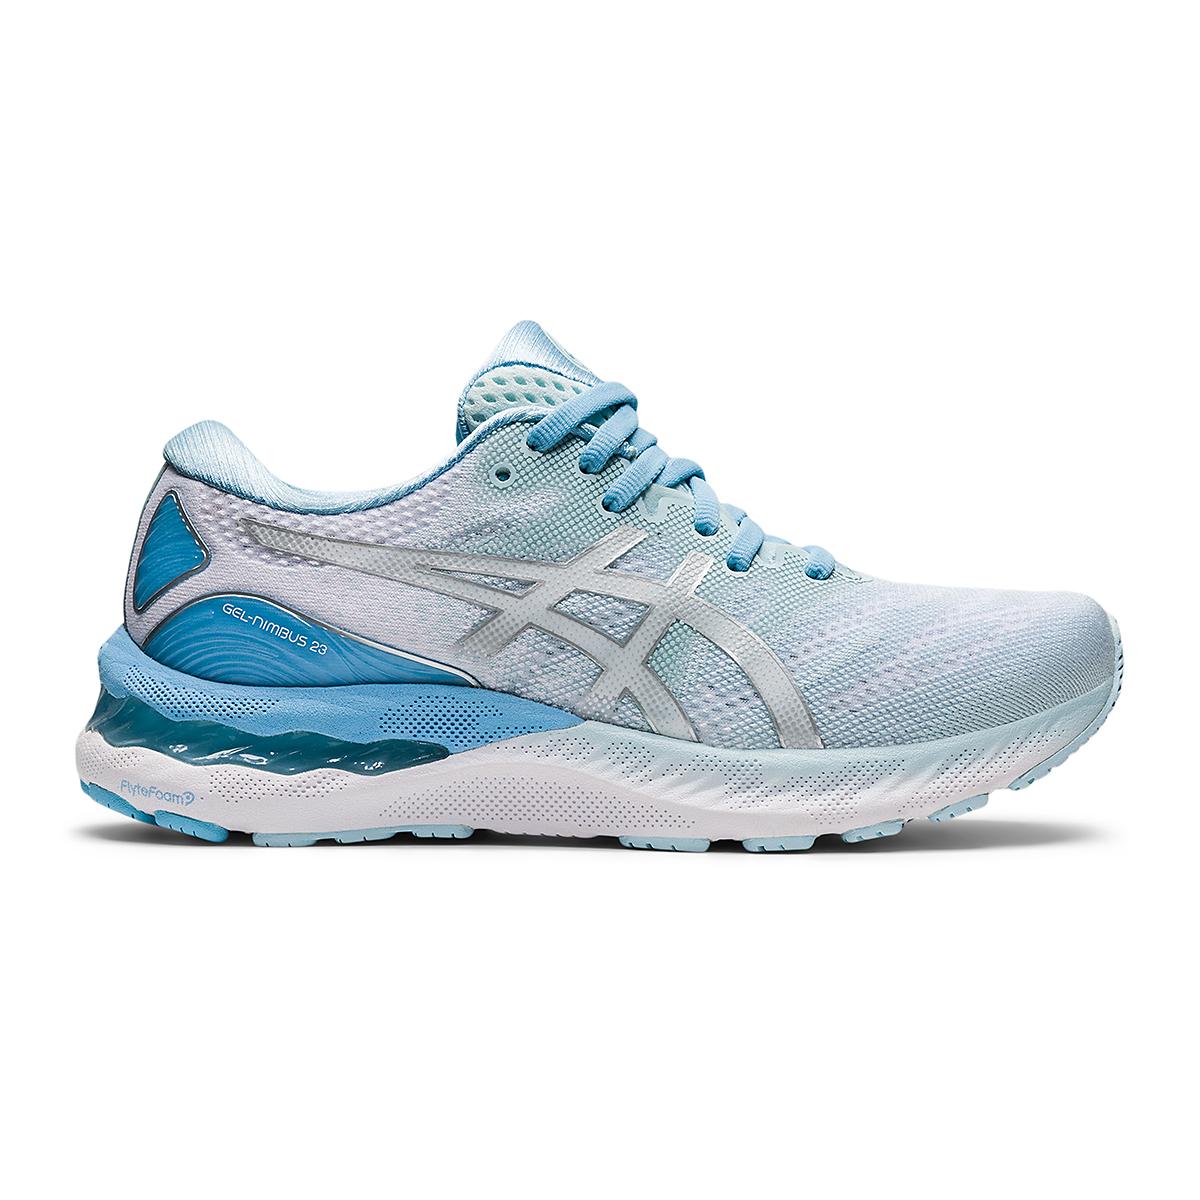 Women's Asics Gel-Nimbus 23 Running Shoe - Color: Aqua Angel/Pure - Size: 5 - Width: Regular, Aqua Angel/Pure, large, image 1